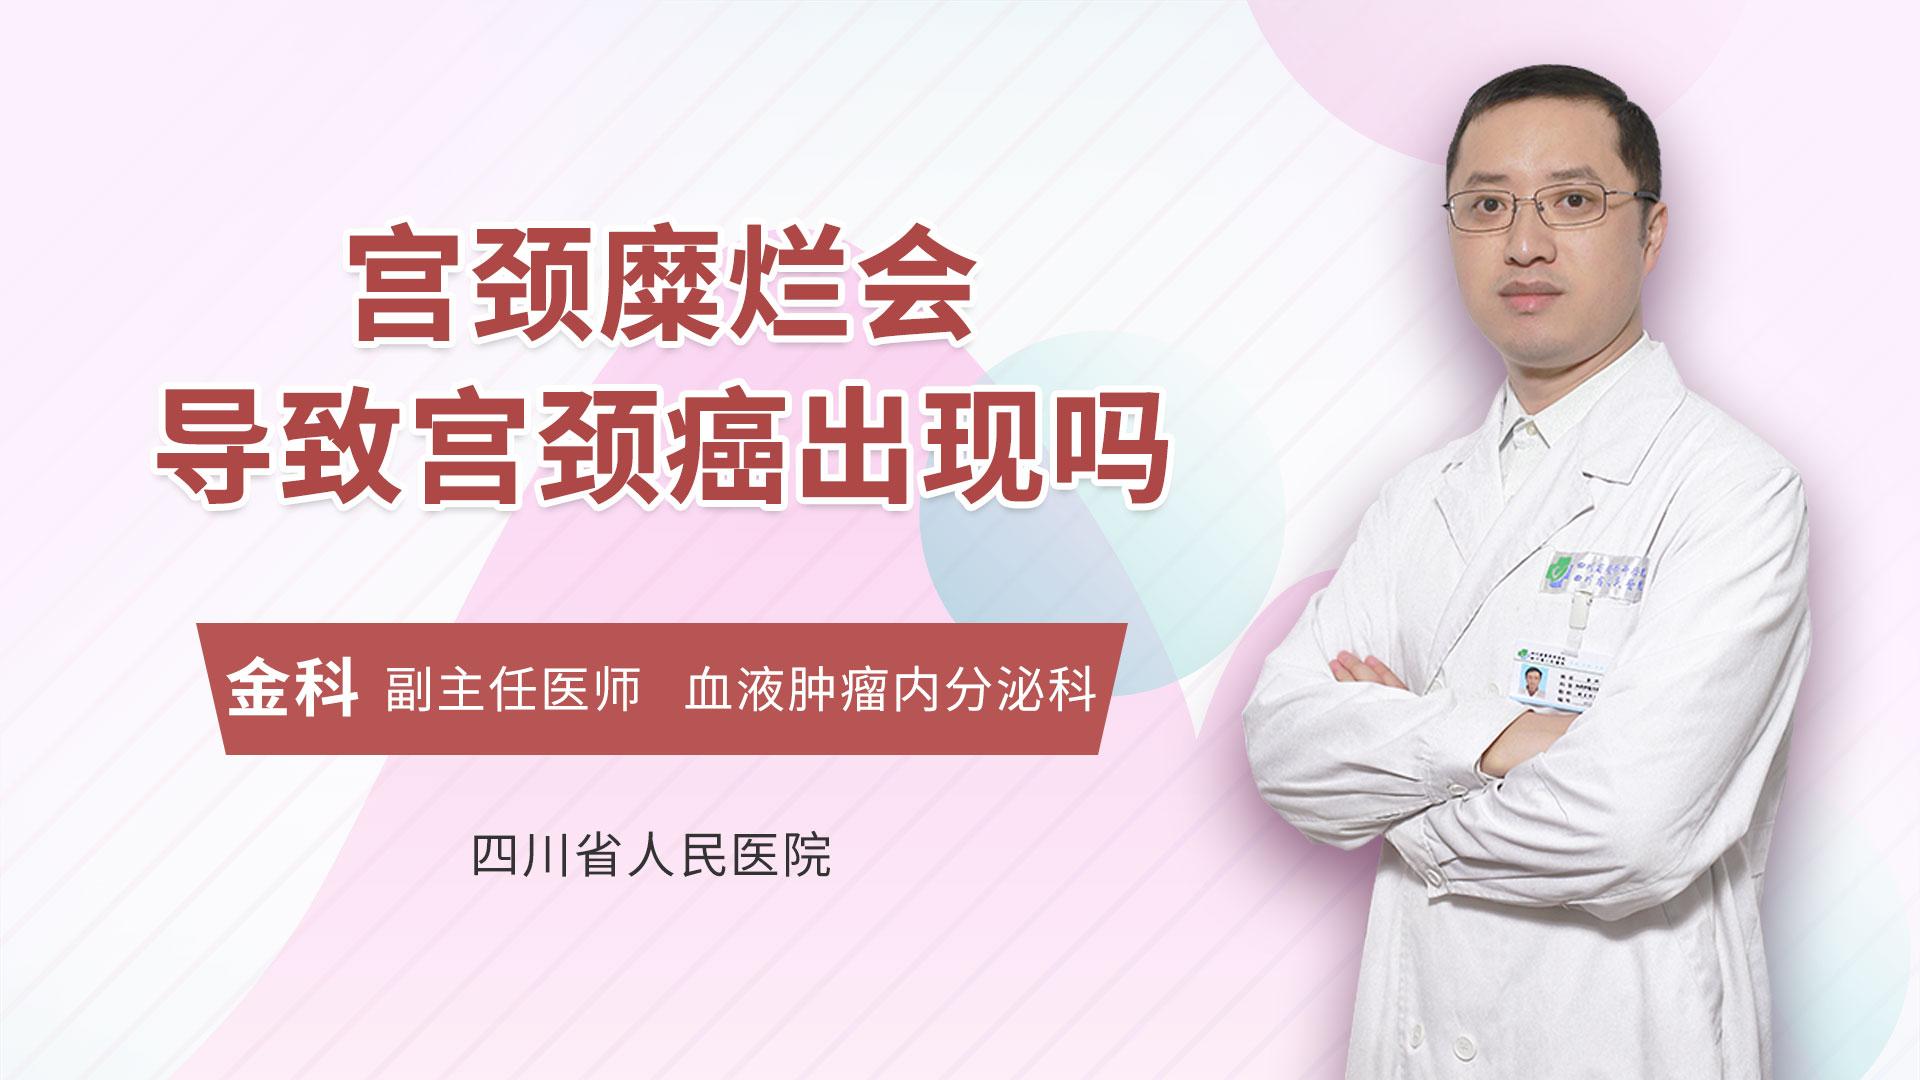 宫颈糜烂会导致宫颈癌出现吗